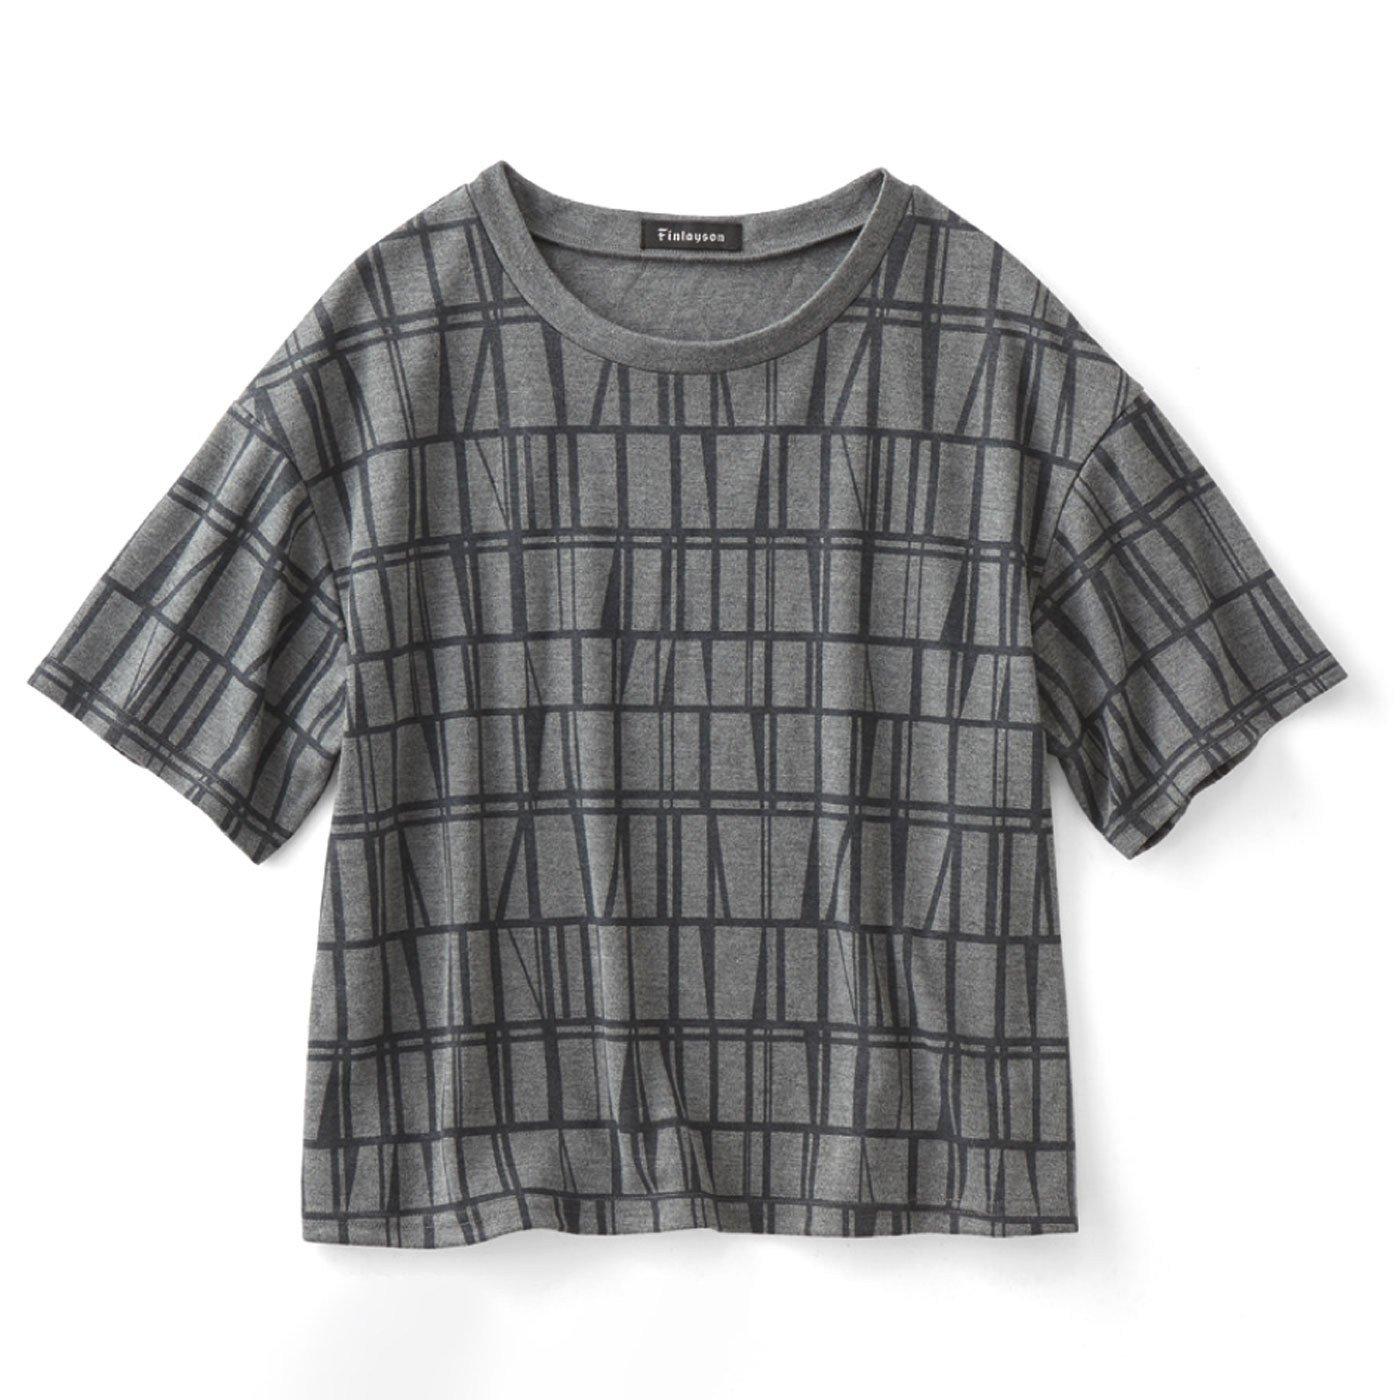 フィンレイソン ボーイッシュシルエットのプリントTシャツ〈コロナ〉